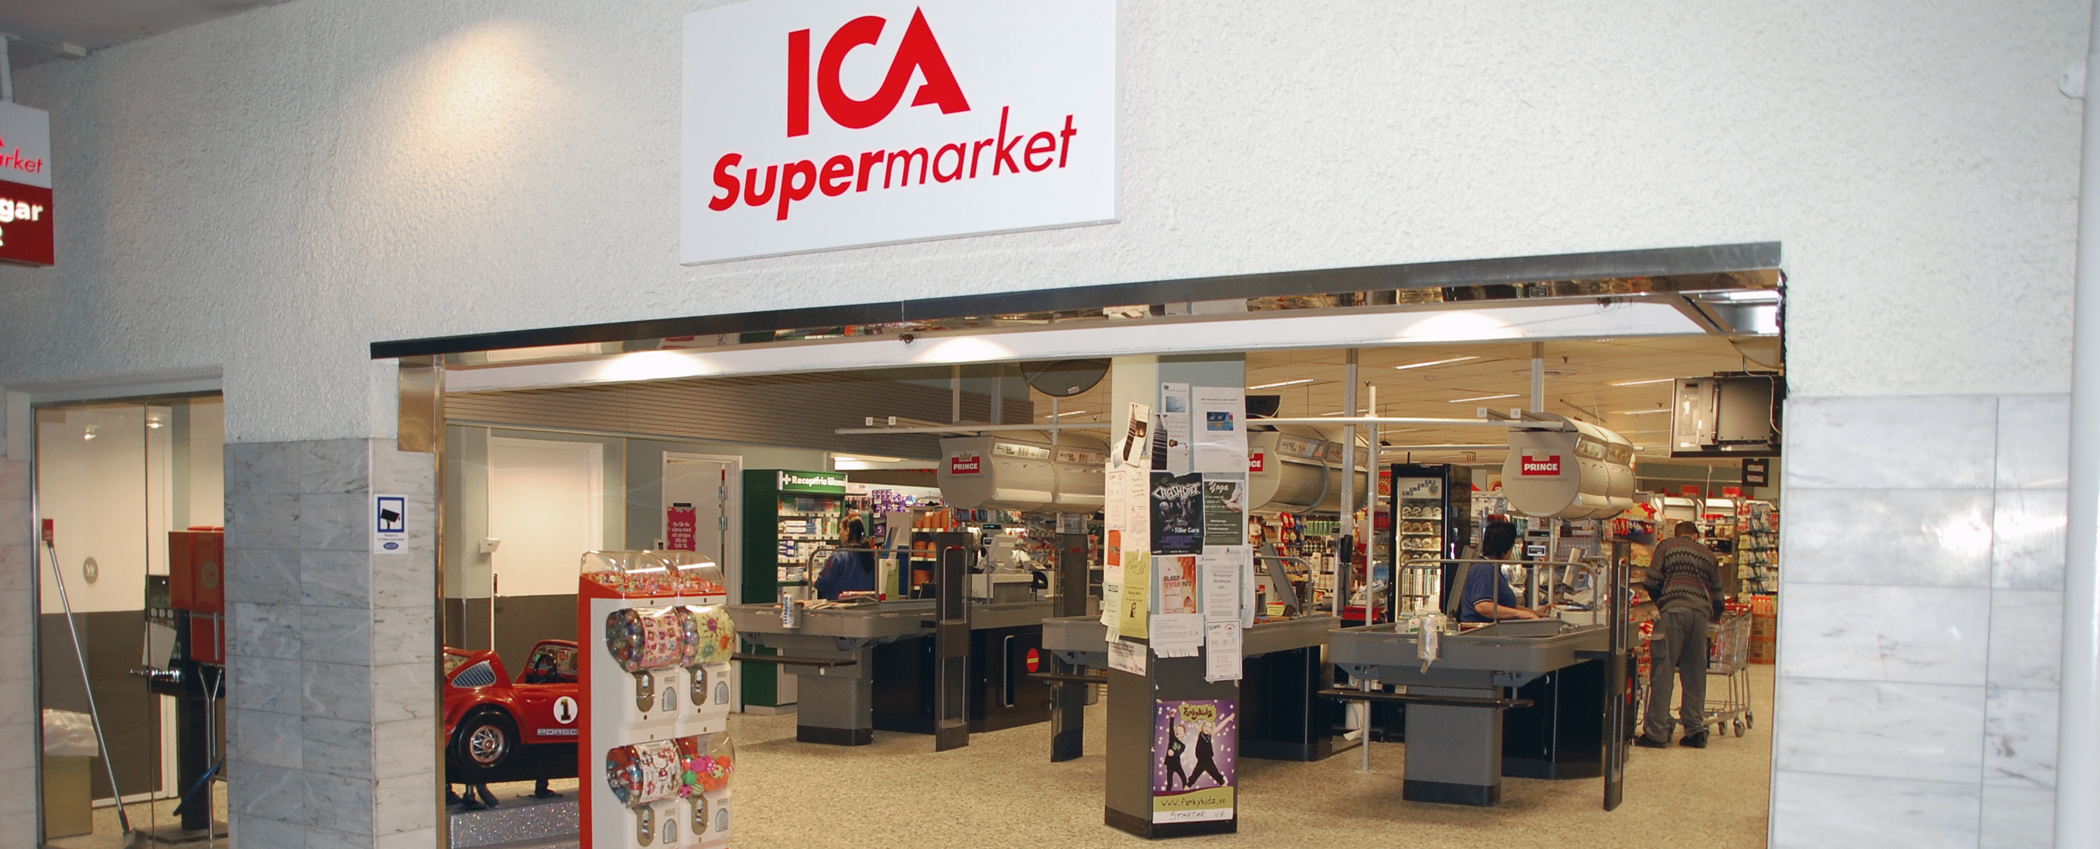 ica supermarket skärblacka